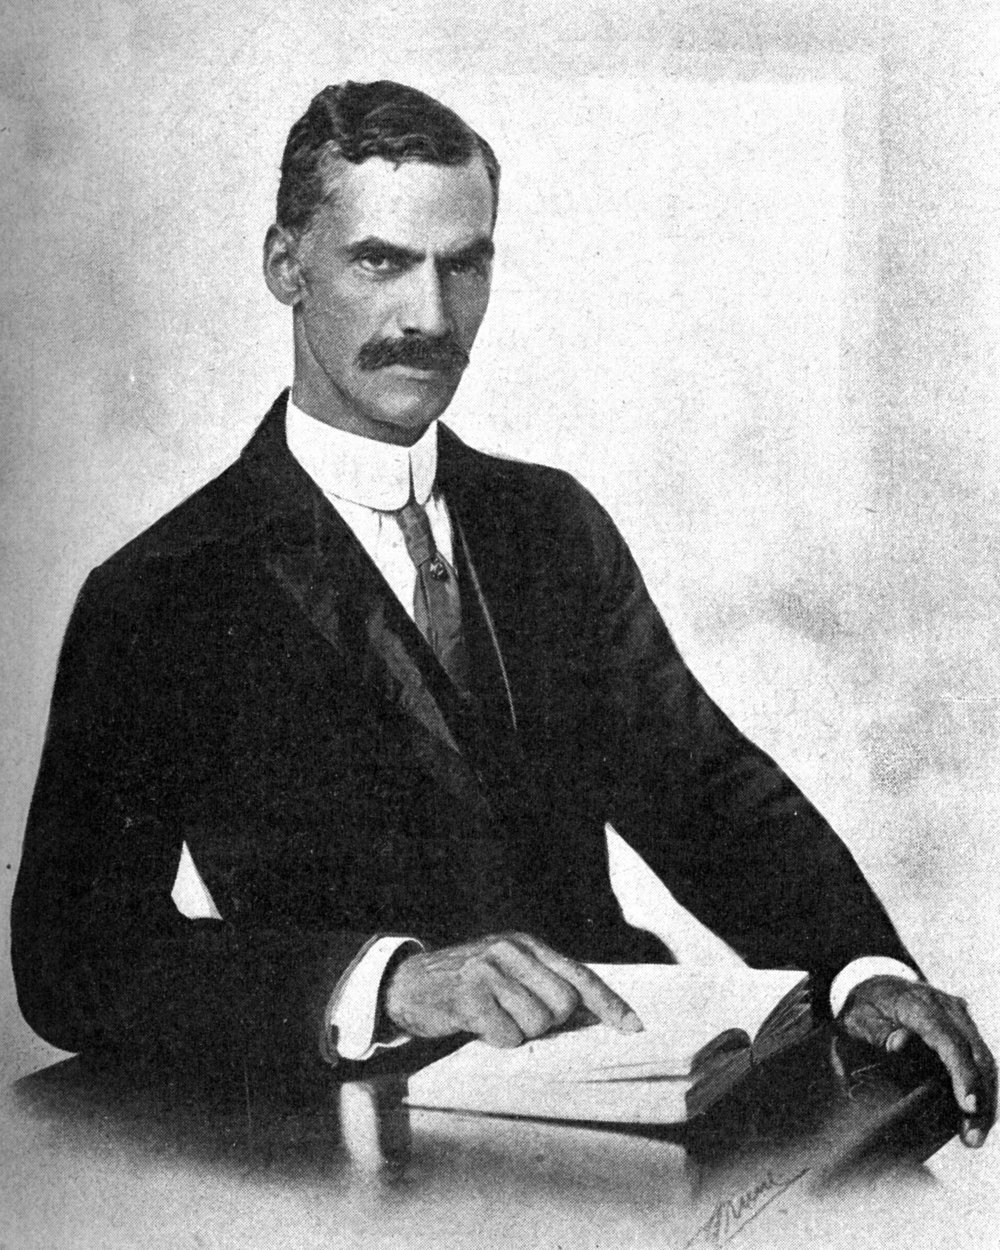 Samuel W. Bacote